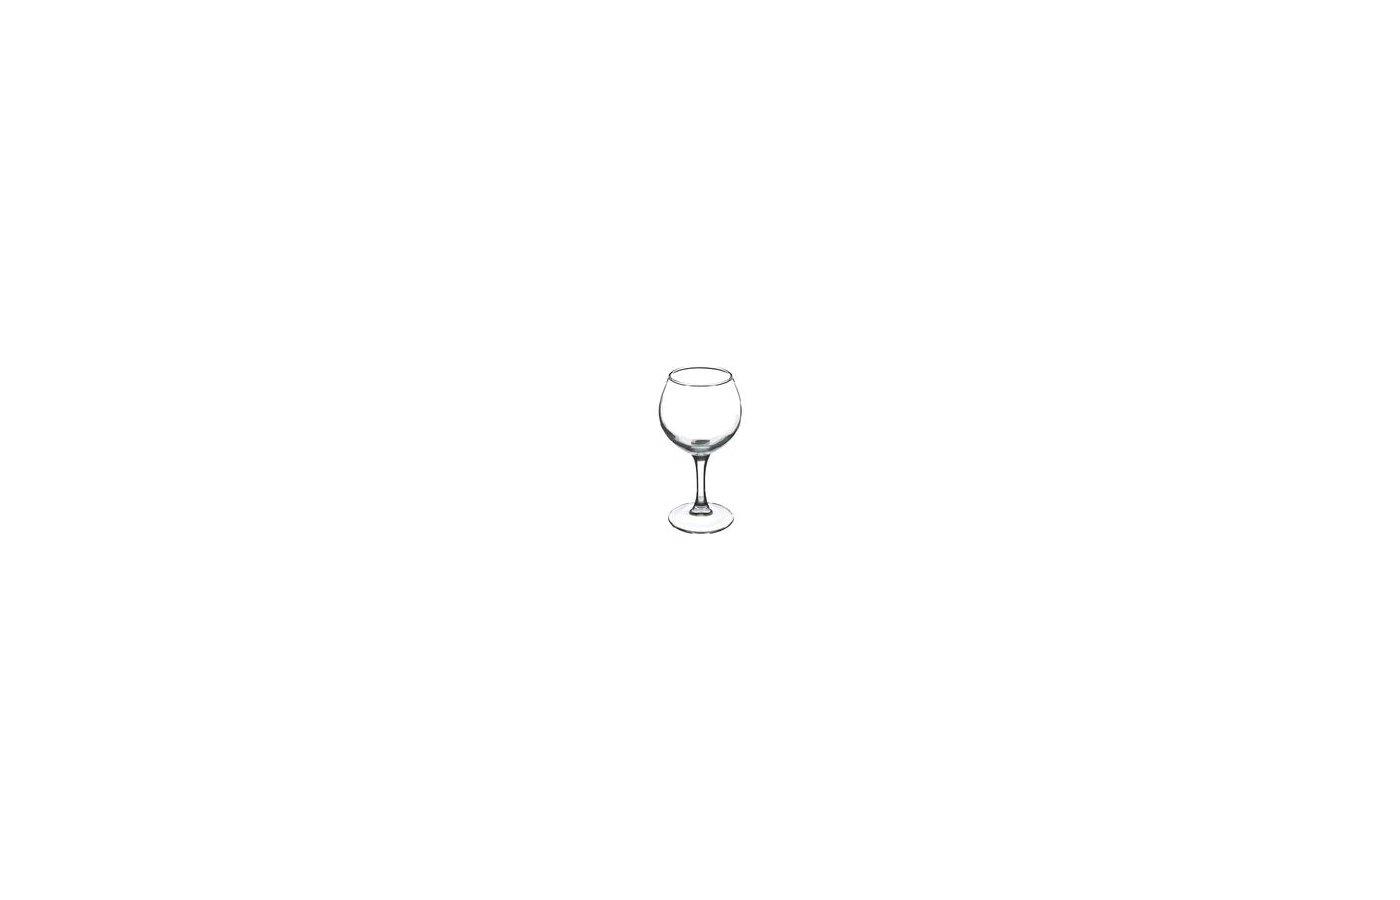 Посуда для напитков Фужер 6шт 210мл Французский Ресторанчик Н9451